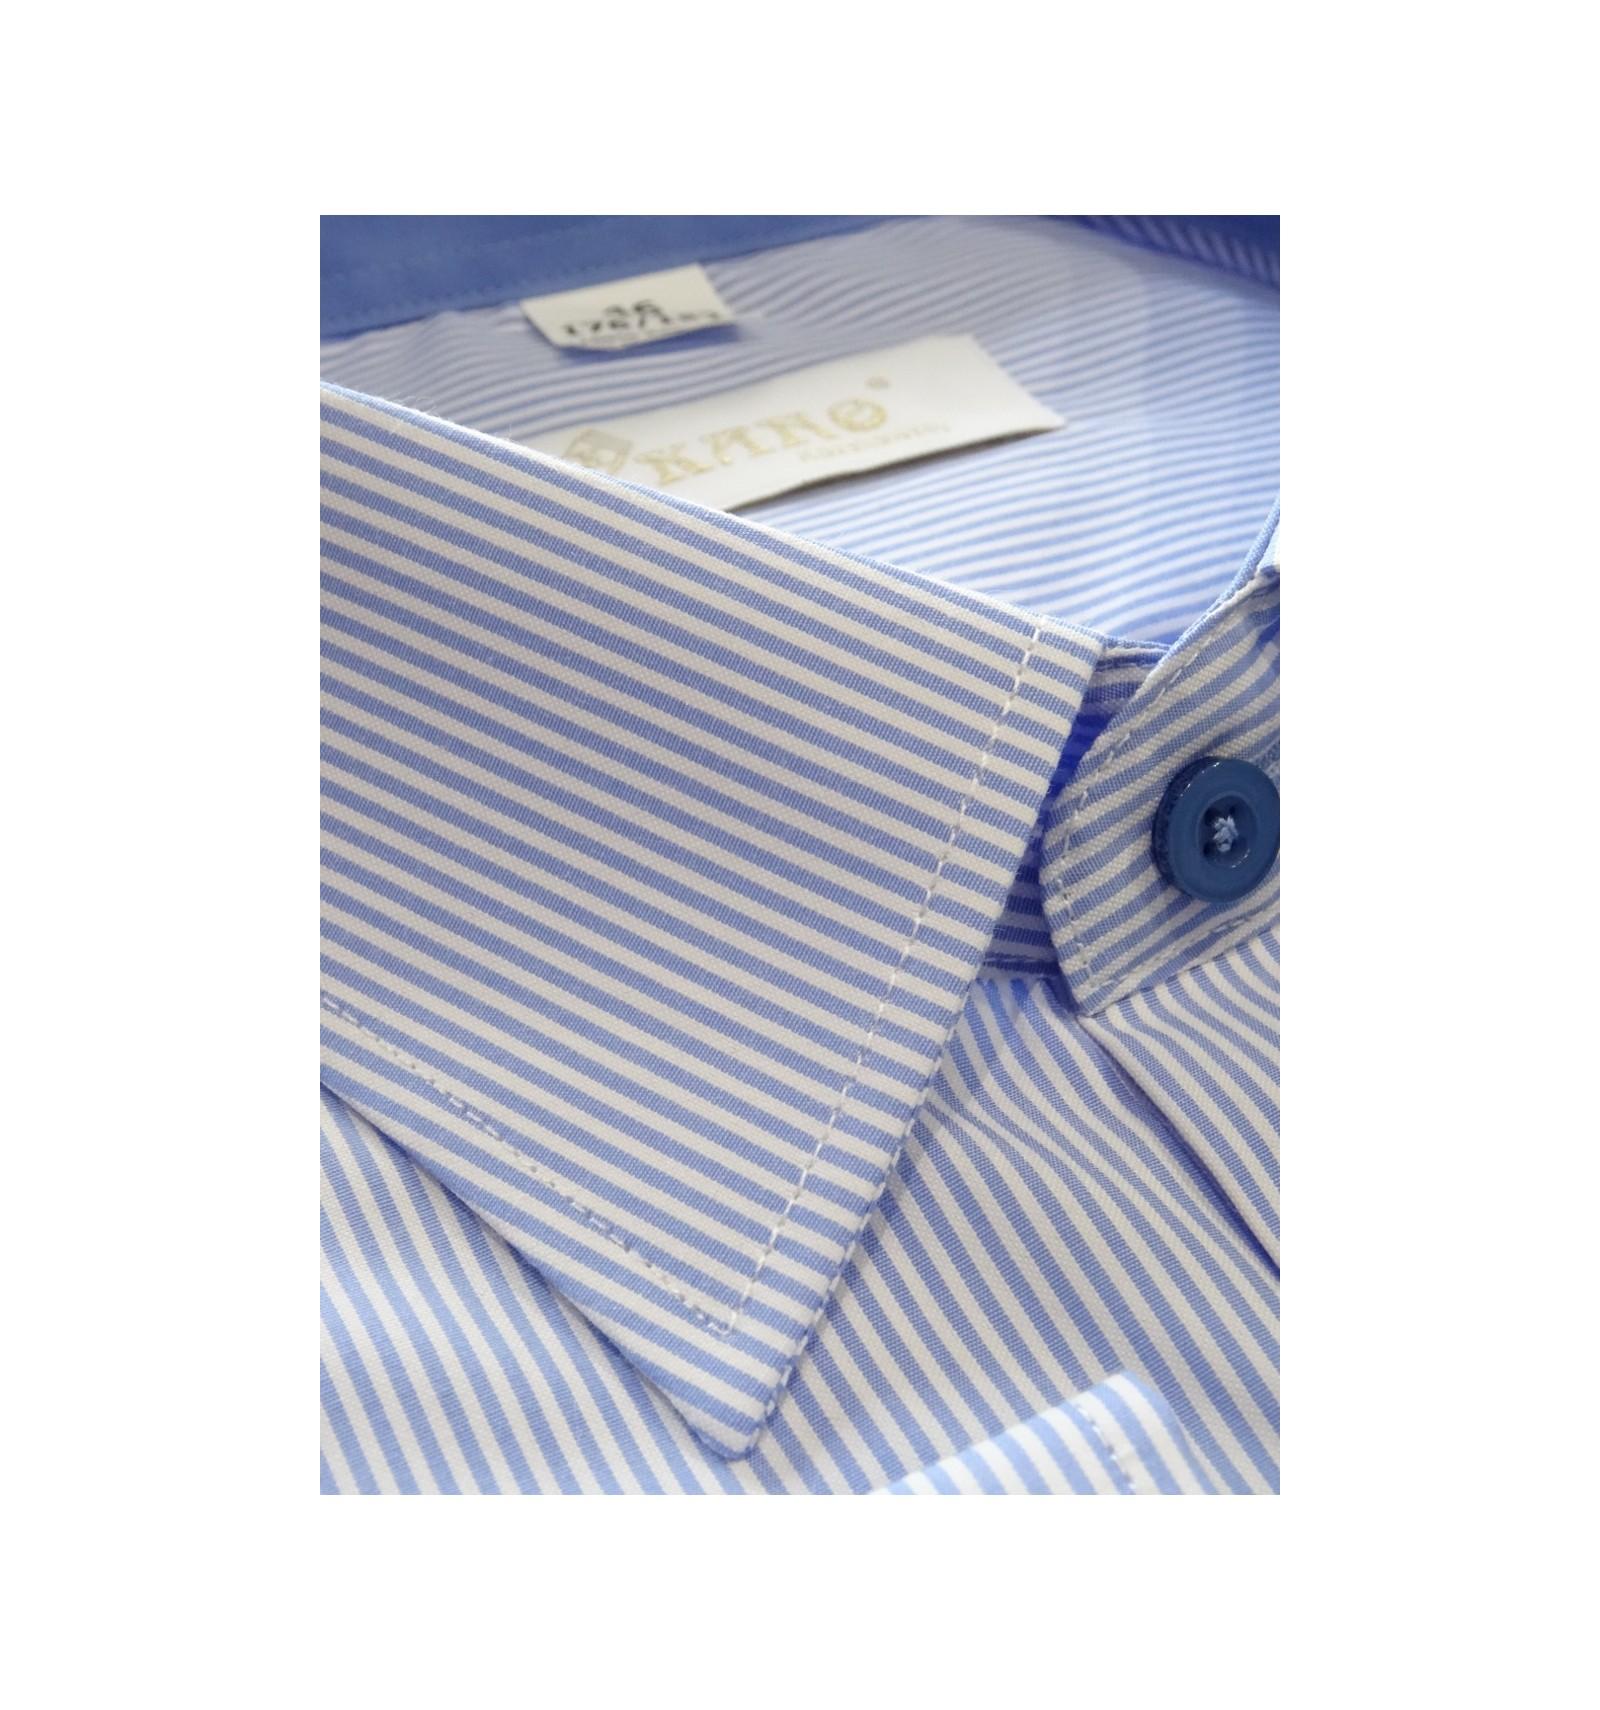 Koszula męska wizytowa niebieska w paski Koszule męskie  jDpot